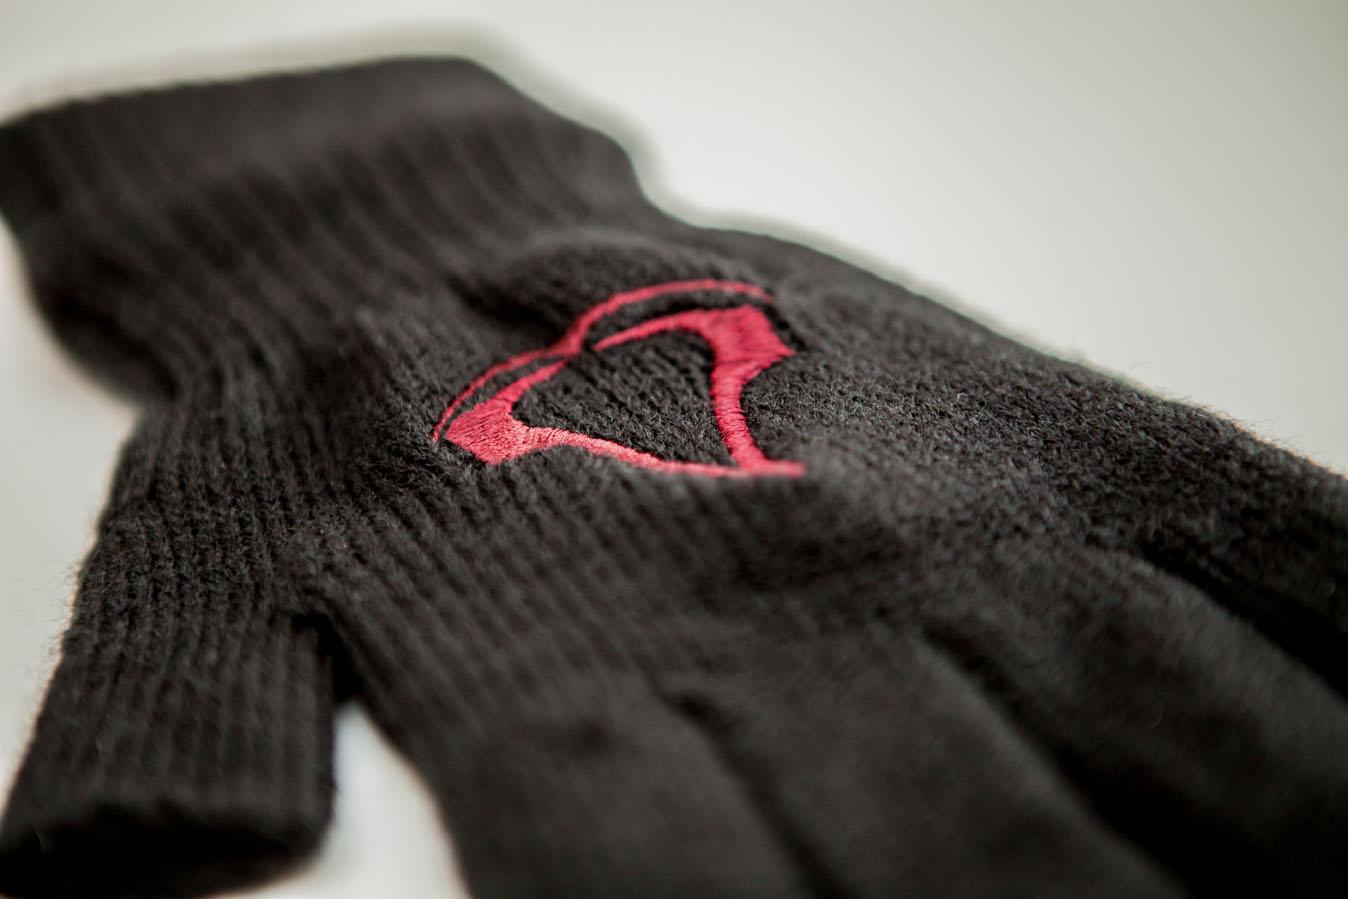 Fingerless gloves for gaming - Frontier